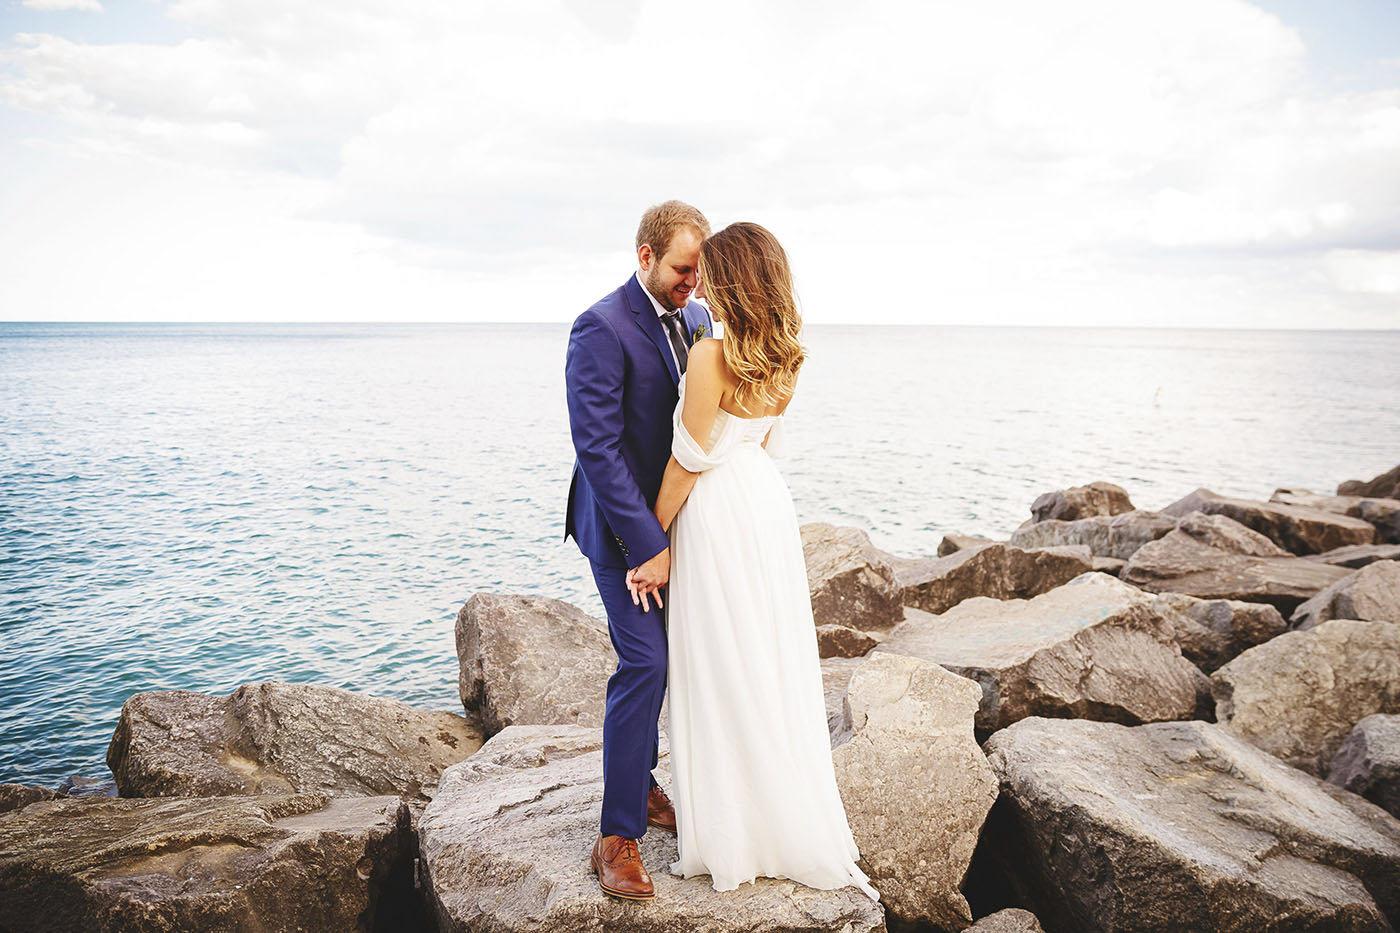 rachael_schirano_photography_wedding-17